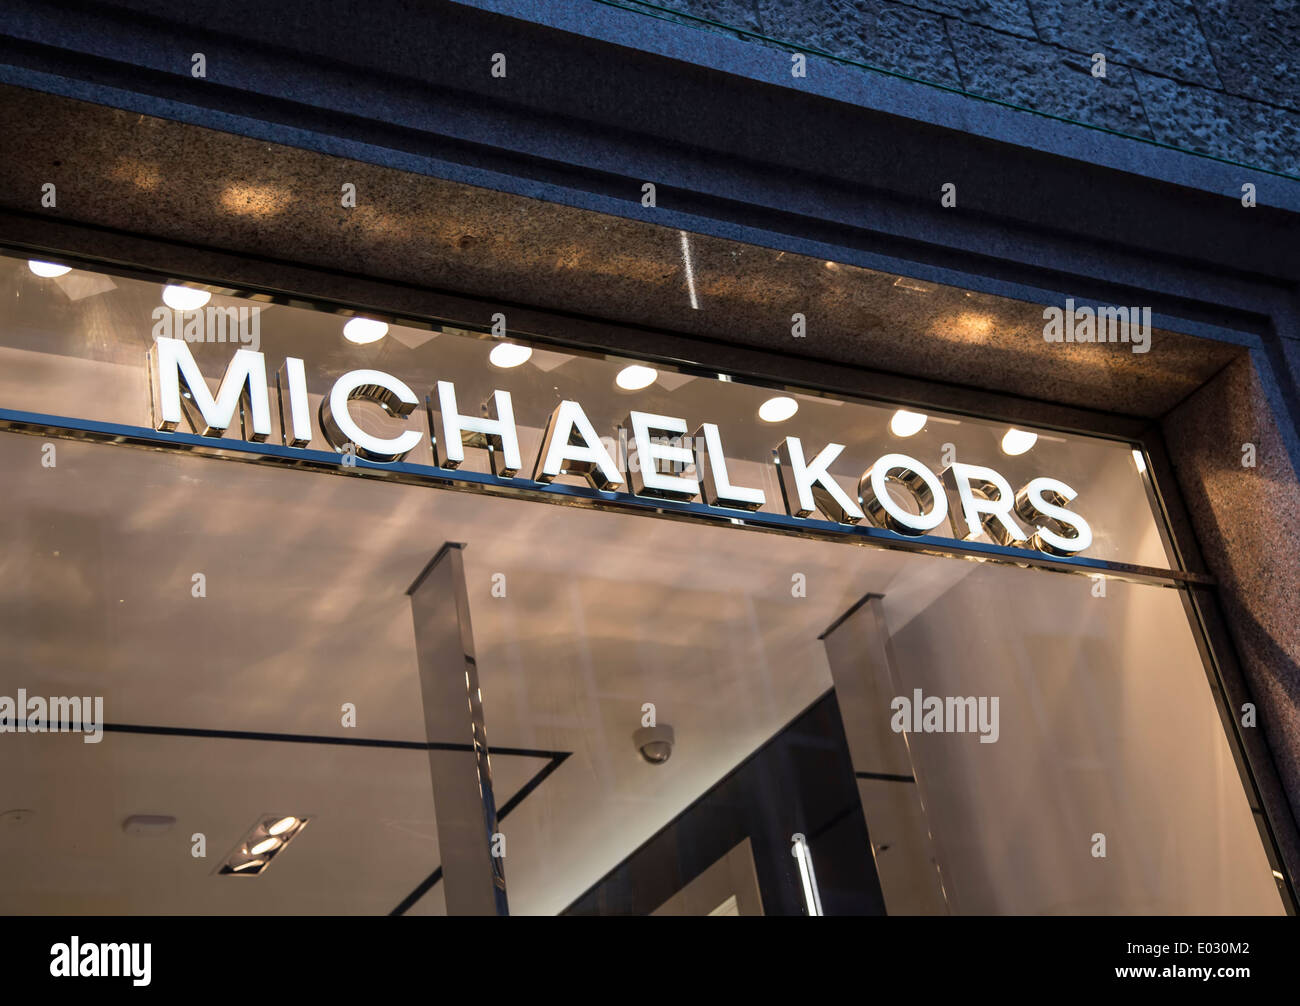 fae0e6e53 Milán, Italia - 09 de marzo de 2014: ver a Michael Kors tienda en ...